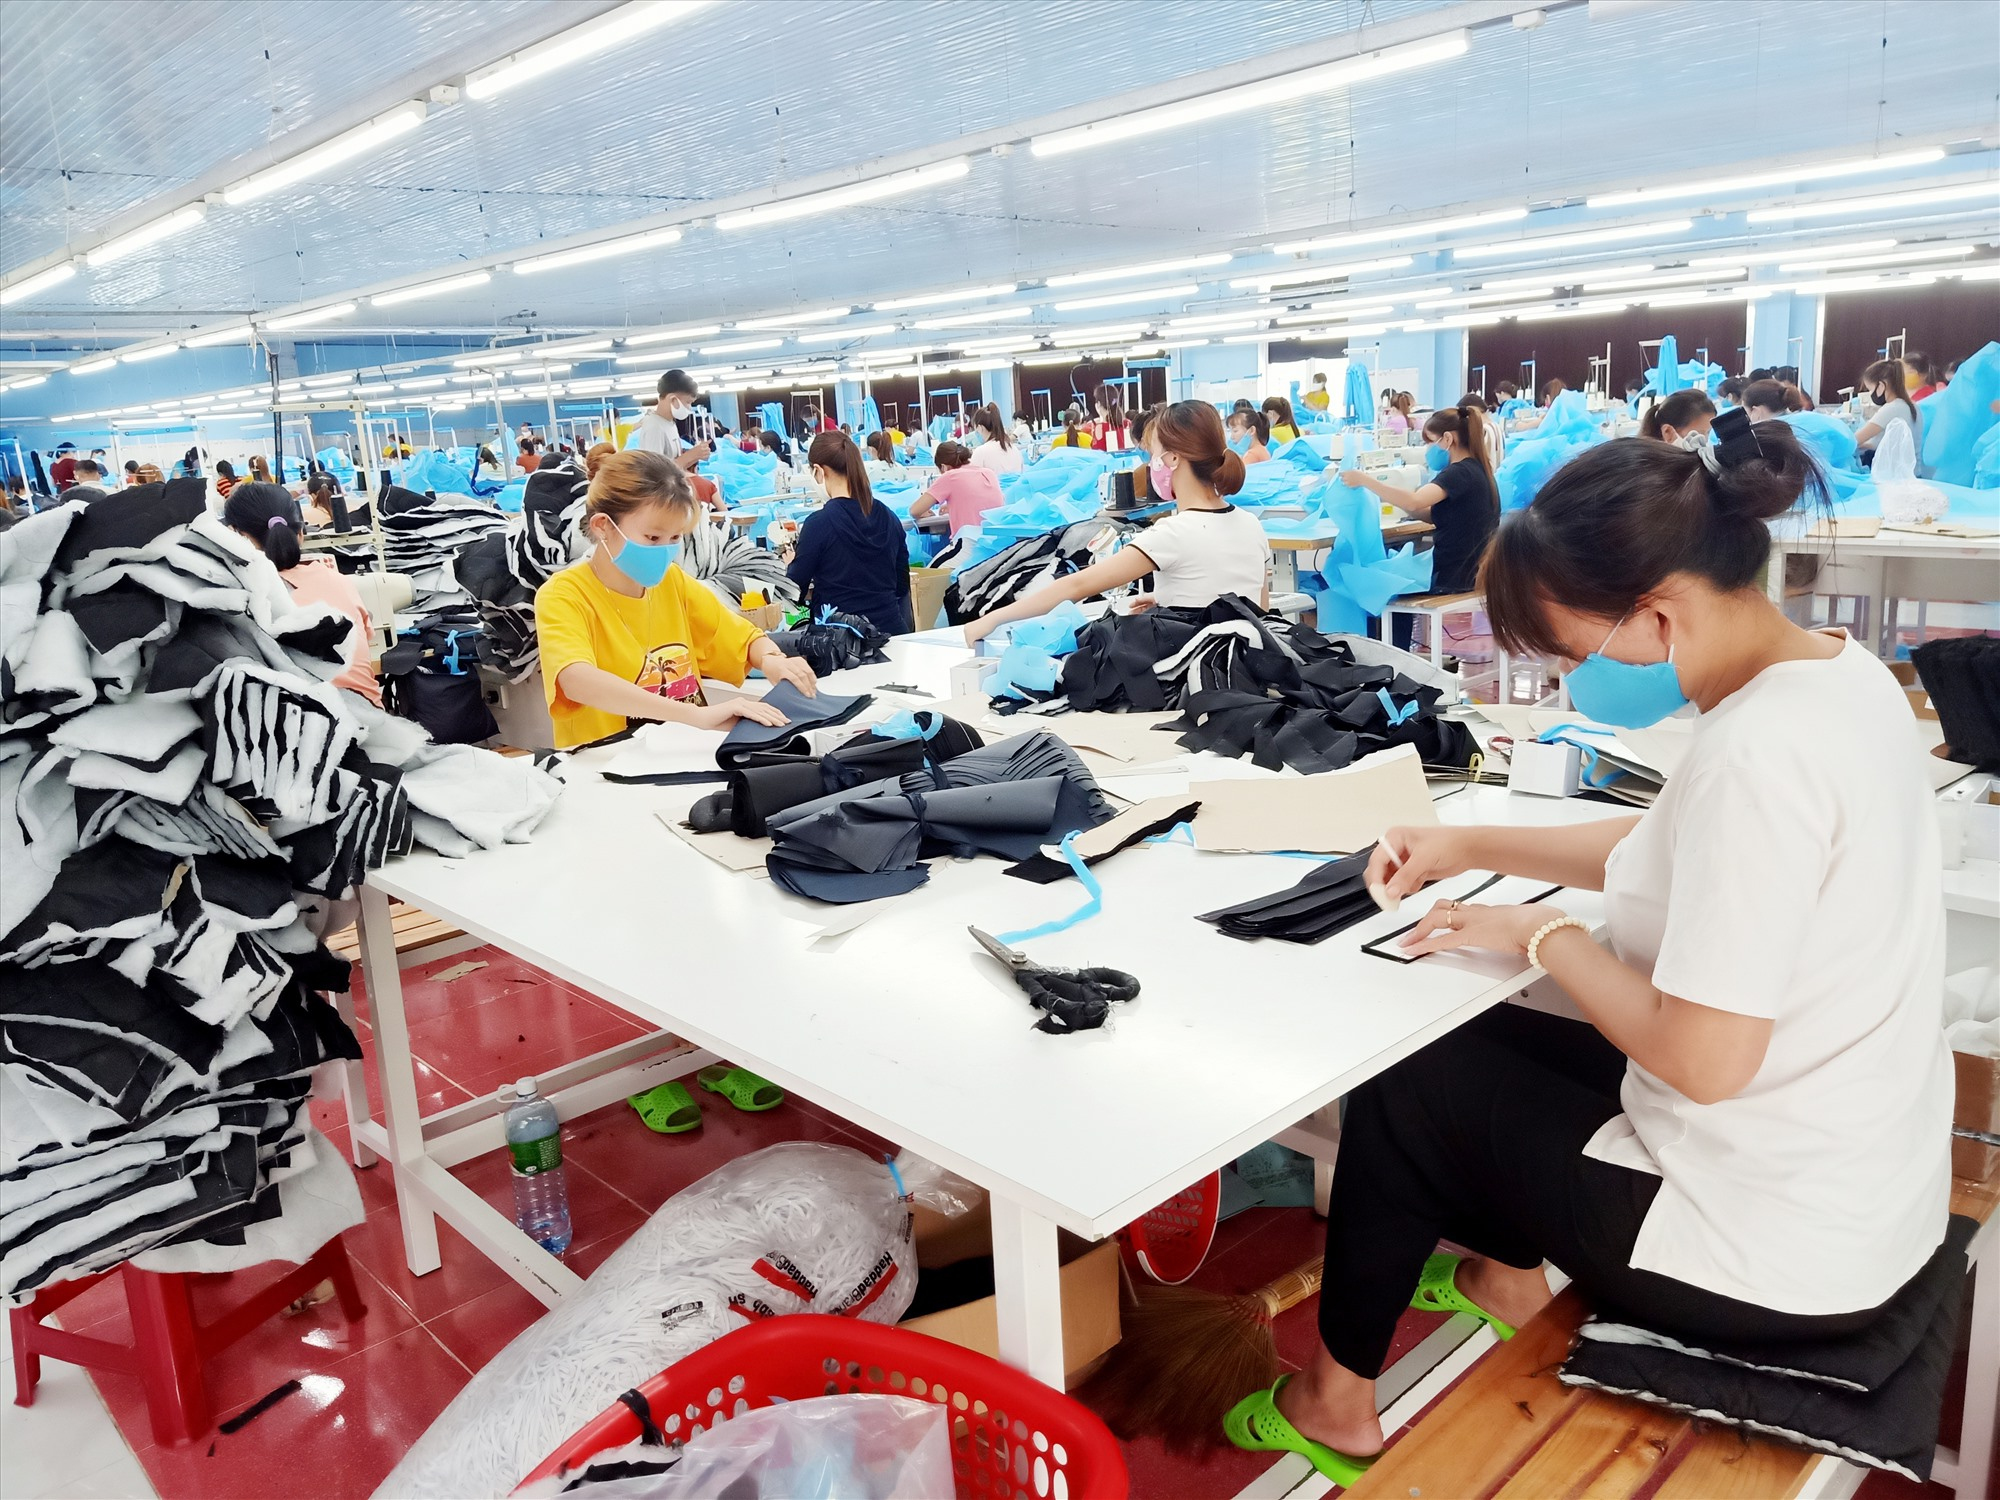 Công ty TNHH May Đại Thắng giải quyết việc làm cho nhiều lao động trên địa bàn xã Đại Thắng và vùng lân cận. Ảnh: H.LIÊN